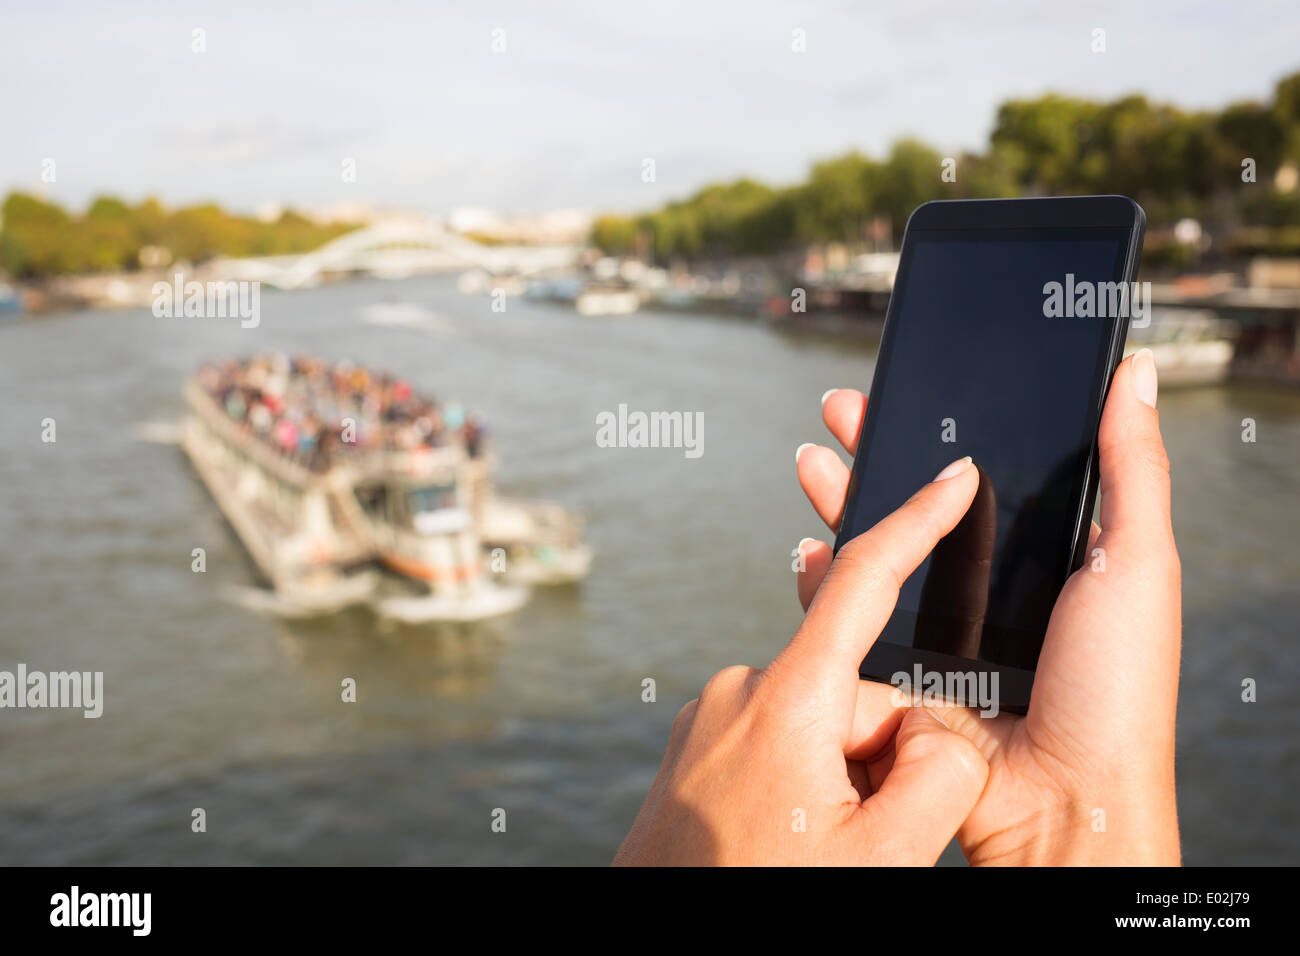 Cerca de manos femeninas casa flotante sena puente móvil mensaje sms correo electrónico Imagen De Stock